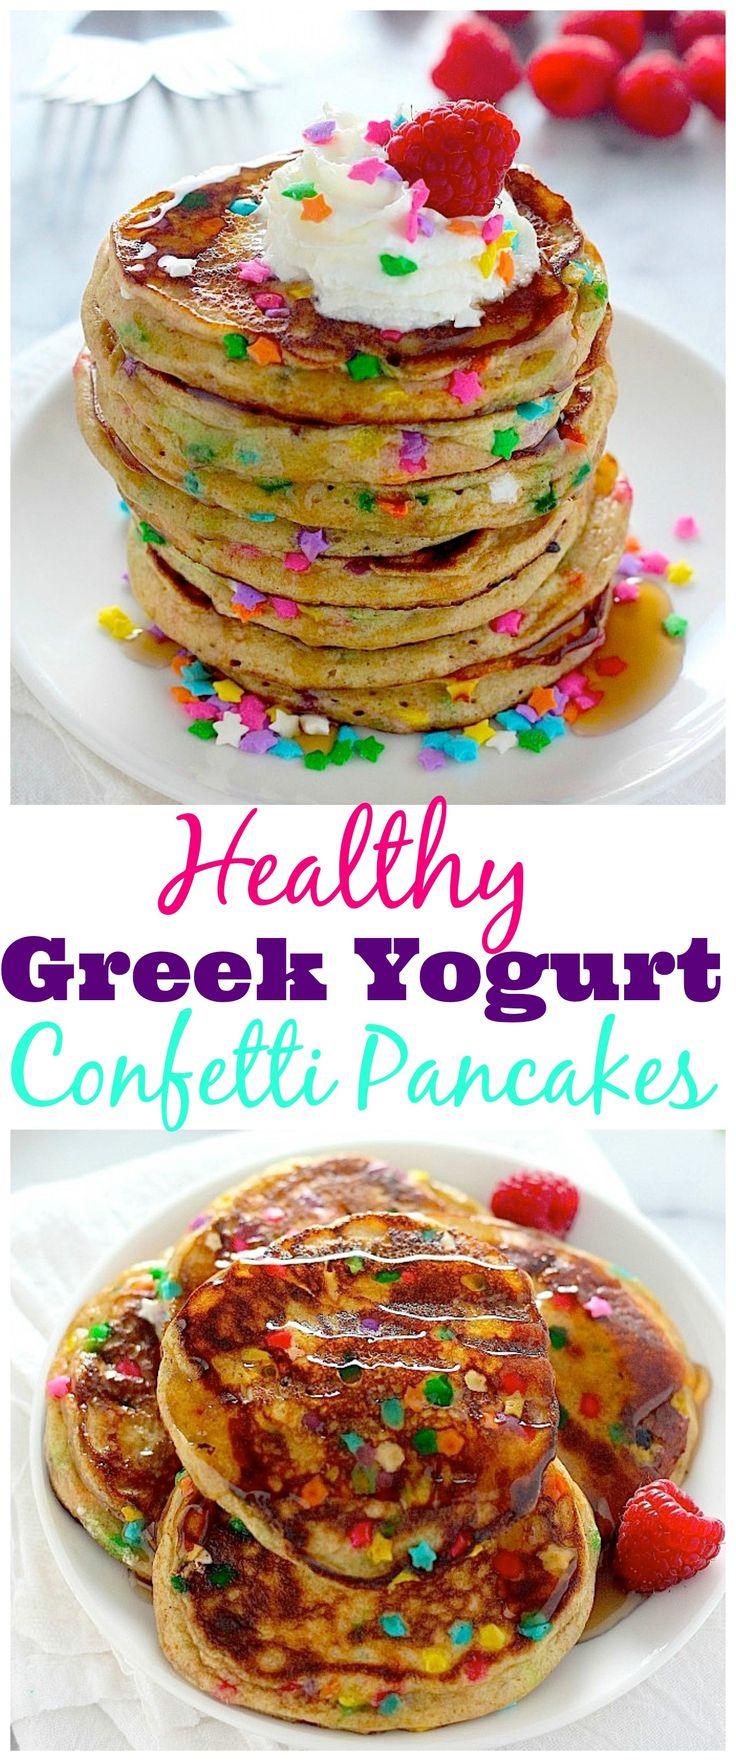 Healthy Greek Yogurt Confetti Pancakes. So cute for a birthday girls for breakfast.